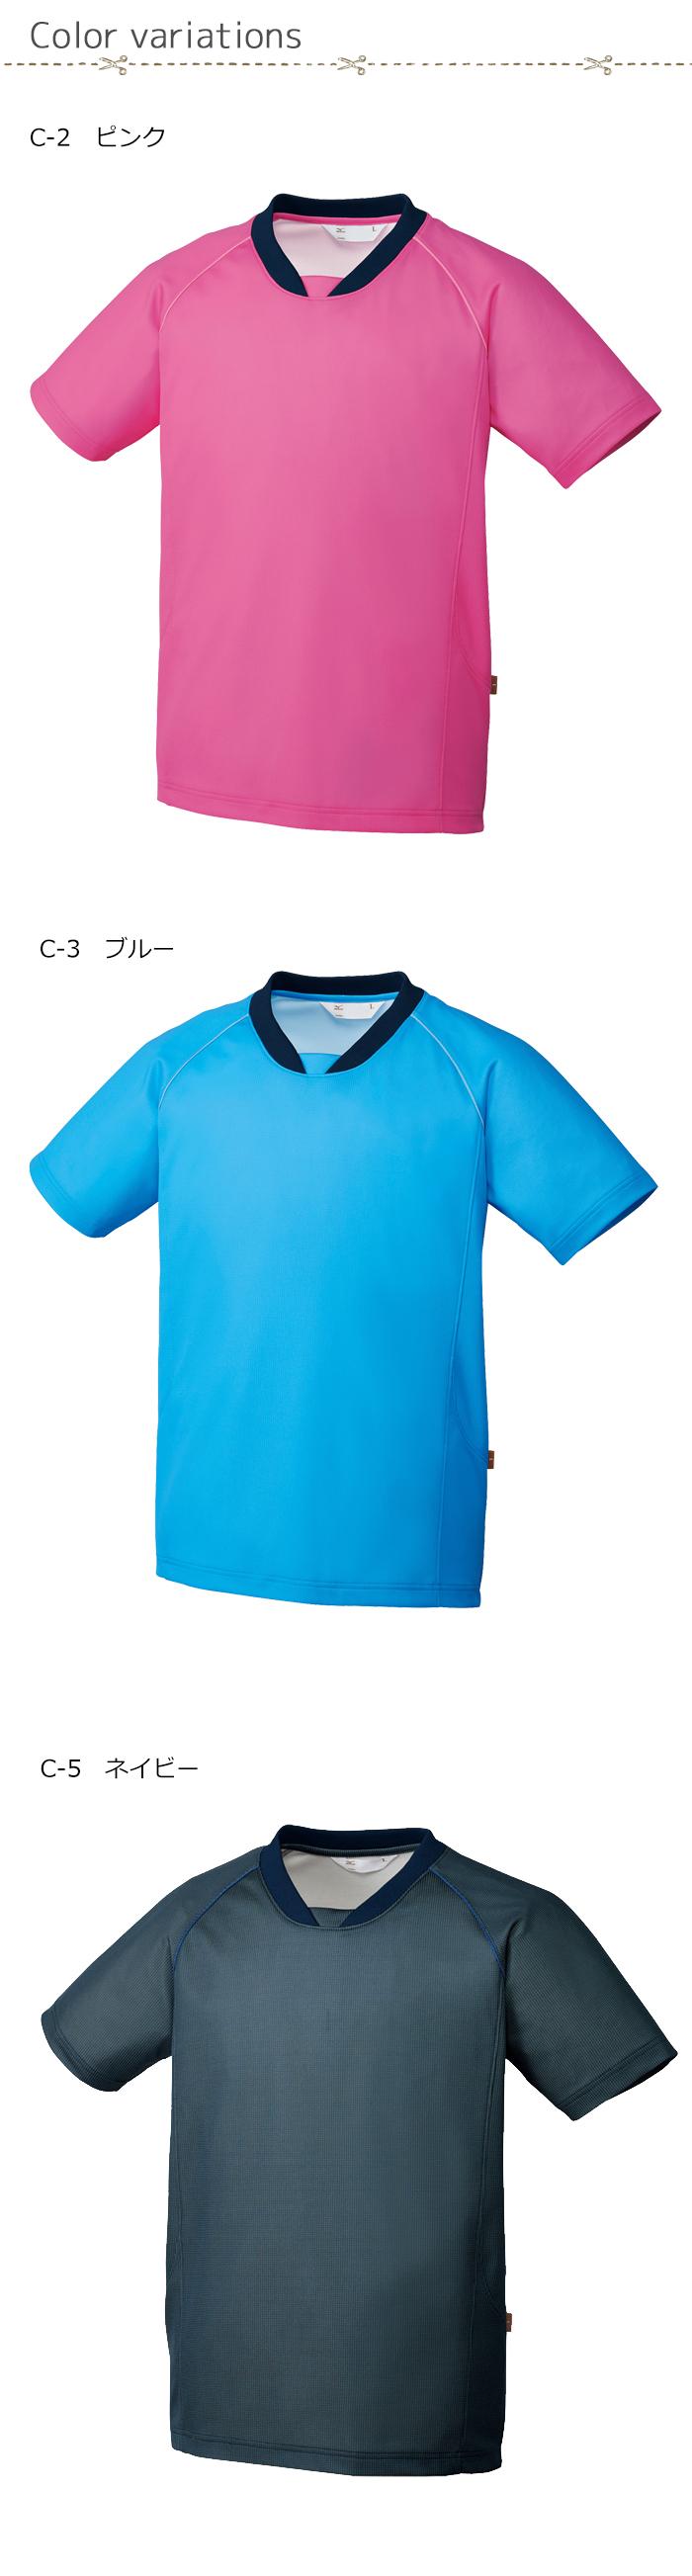 【介護・ヘルパー向け】吸汗・速乾入浴介助用シャツ【男女兼用】